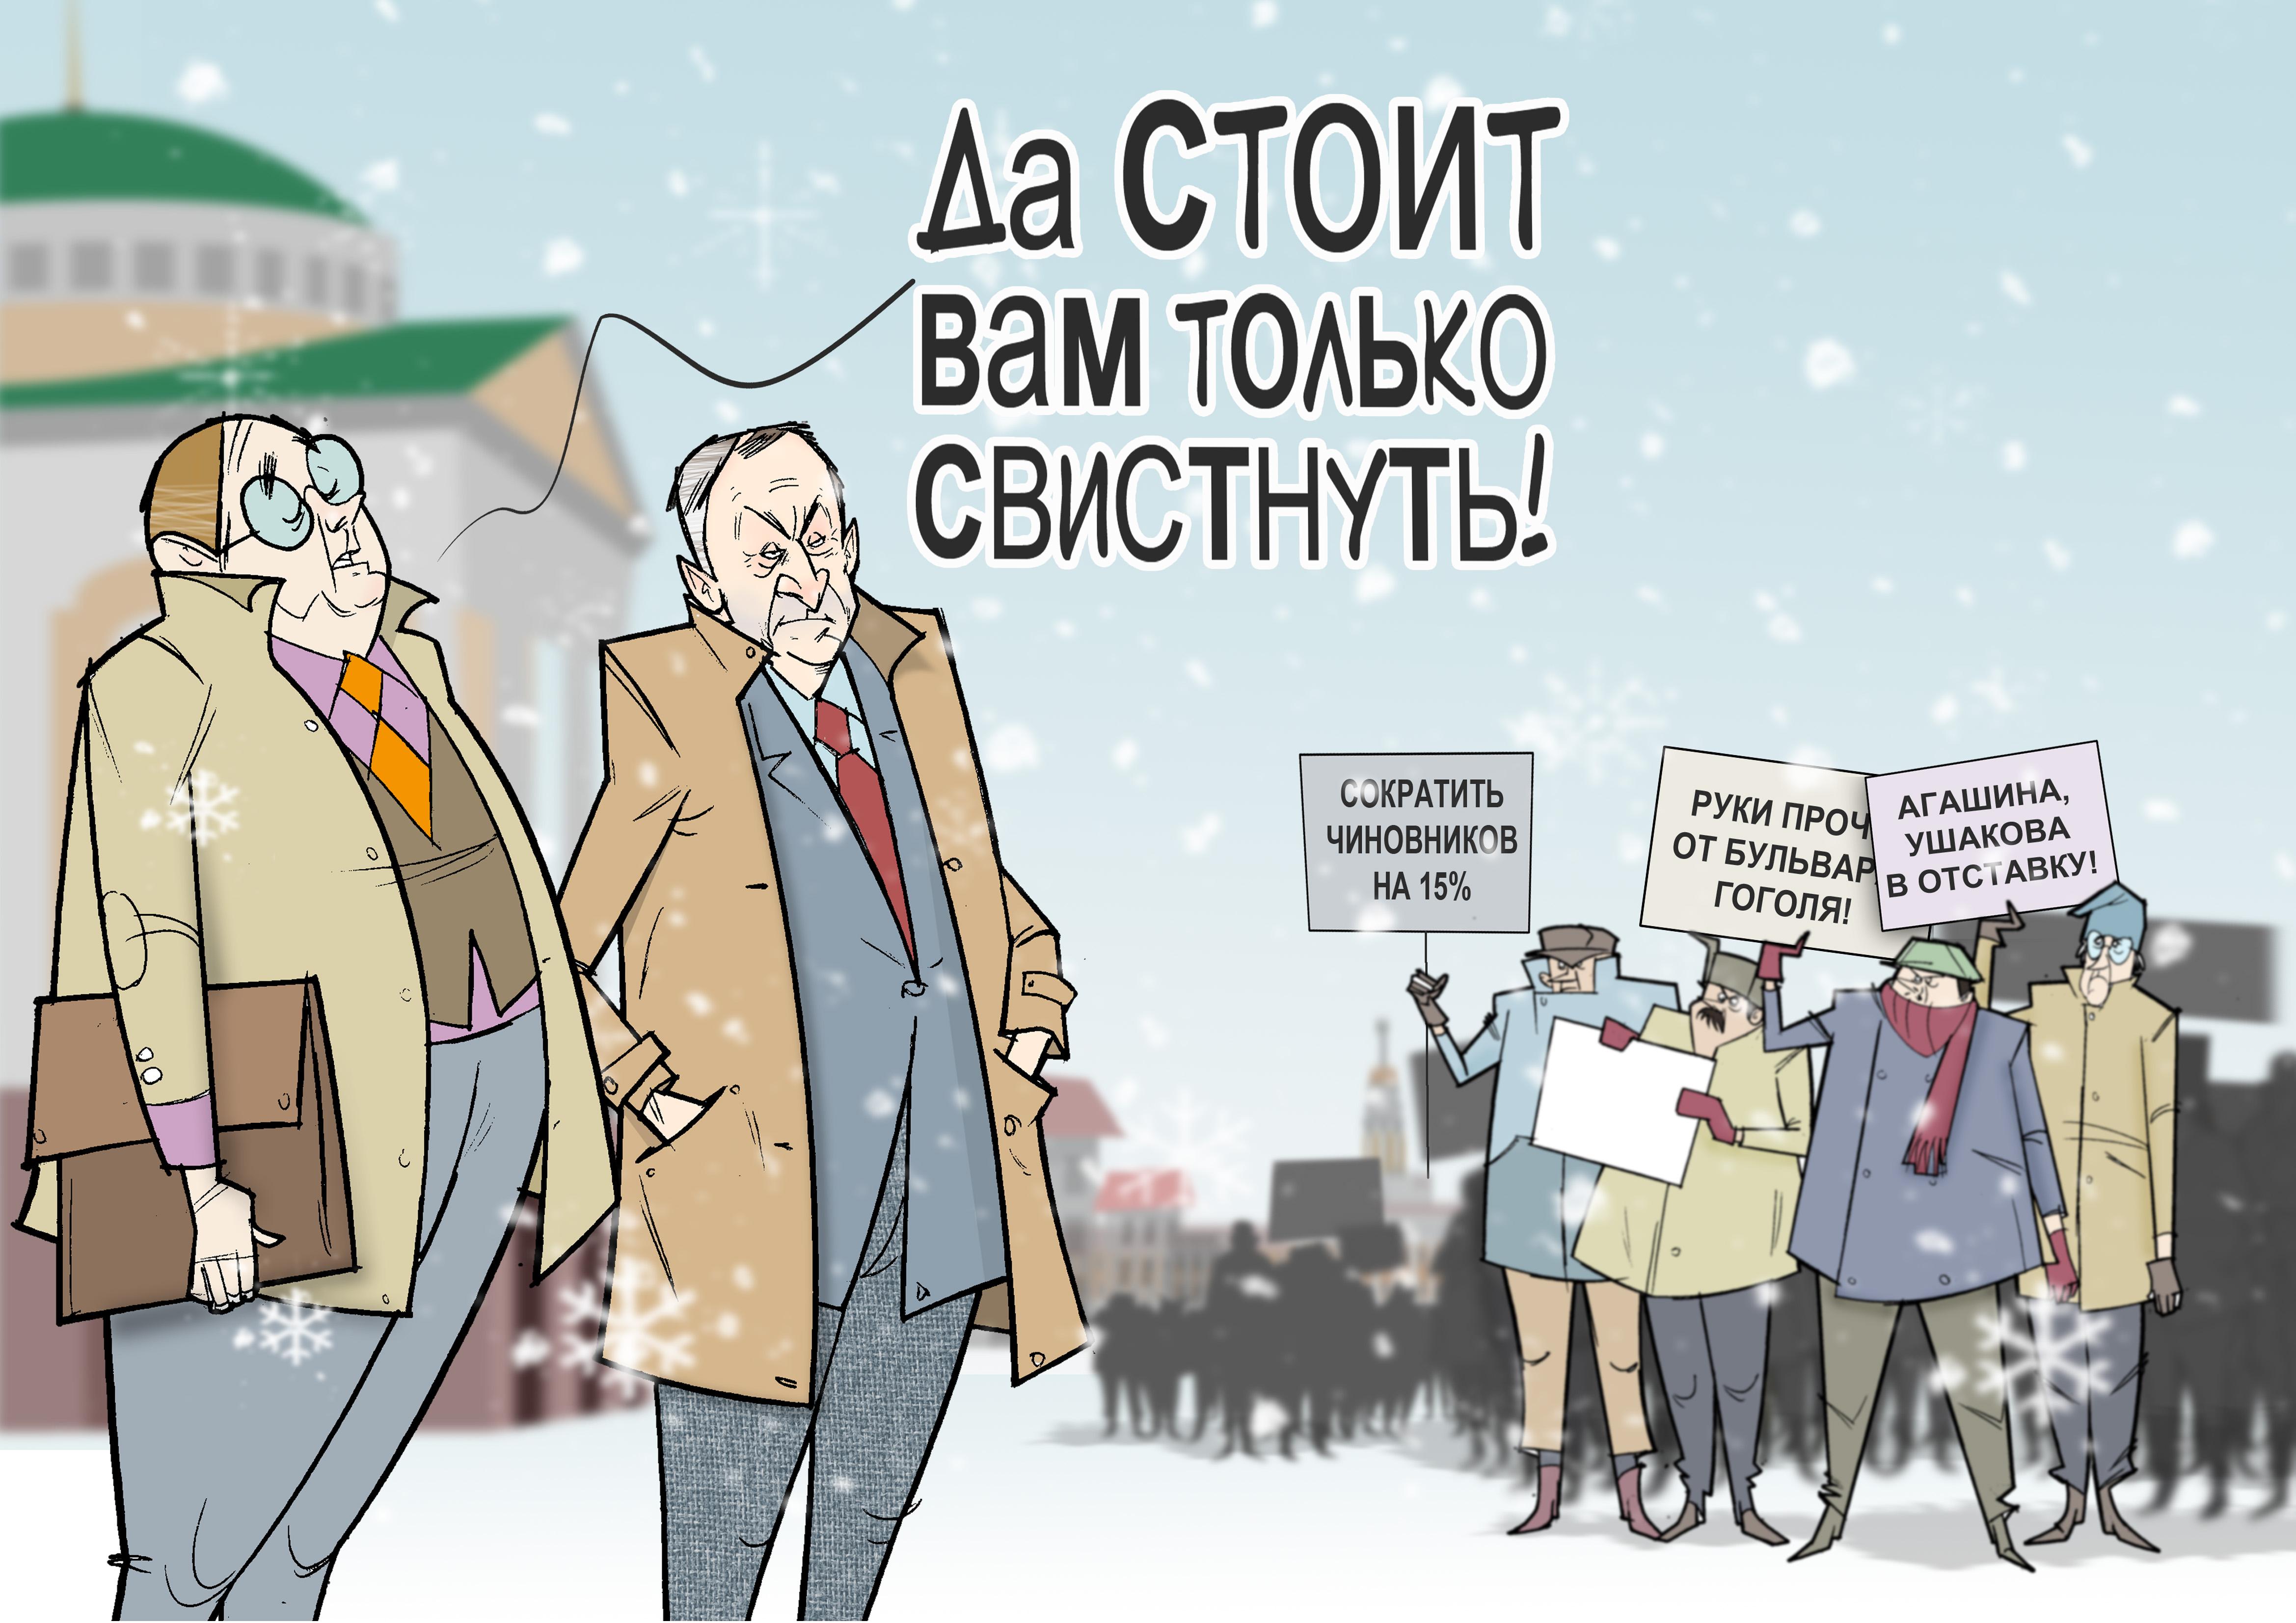 """Да стоит Вам только свистнуть! #общественность #ГлаваУР #Соловьёв © Газета """"День"""" 2014"""